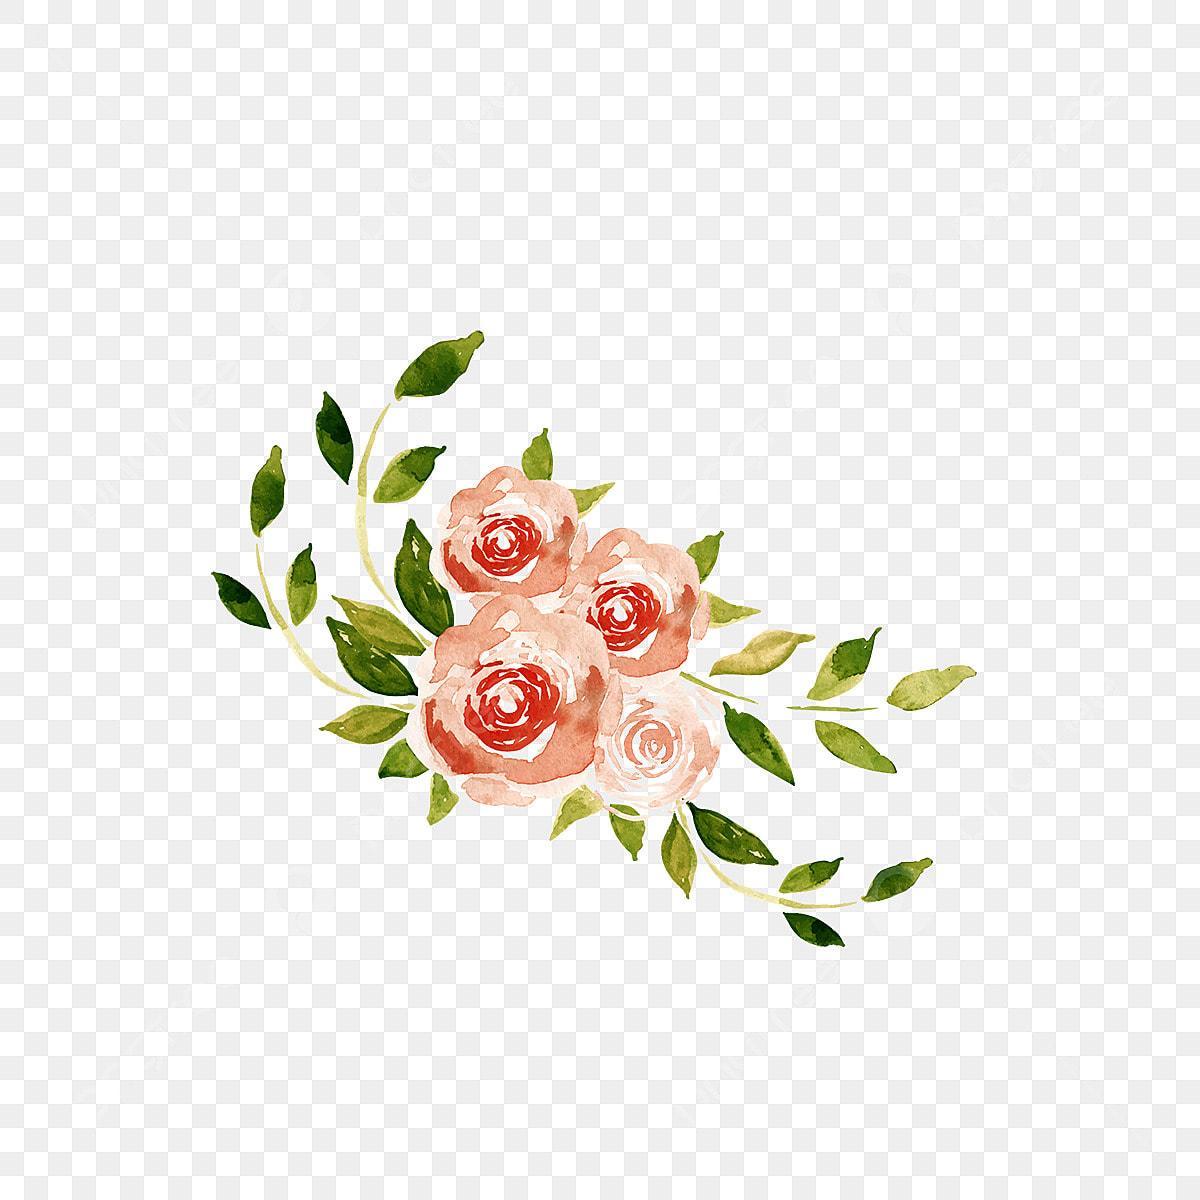 ورد وردي بي إن جي الزهور الوردية اوراق اشجار Png والمتجهات للتحميل مجانا